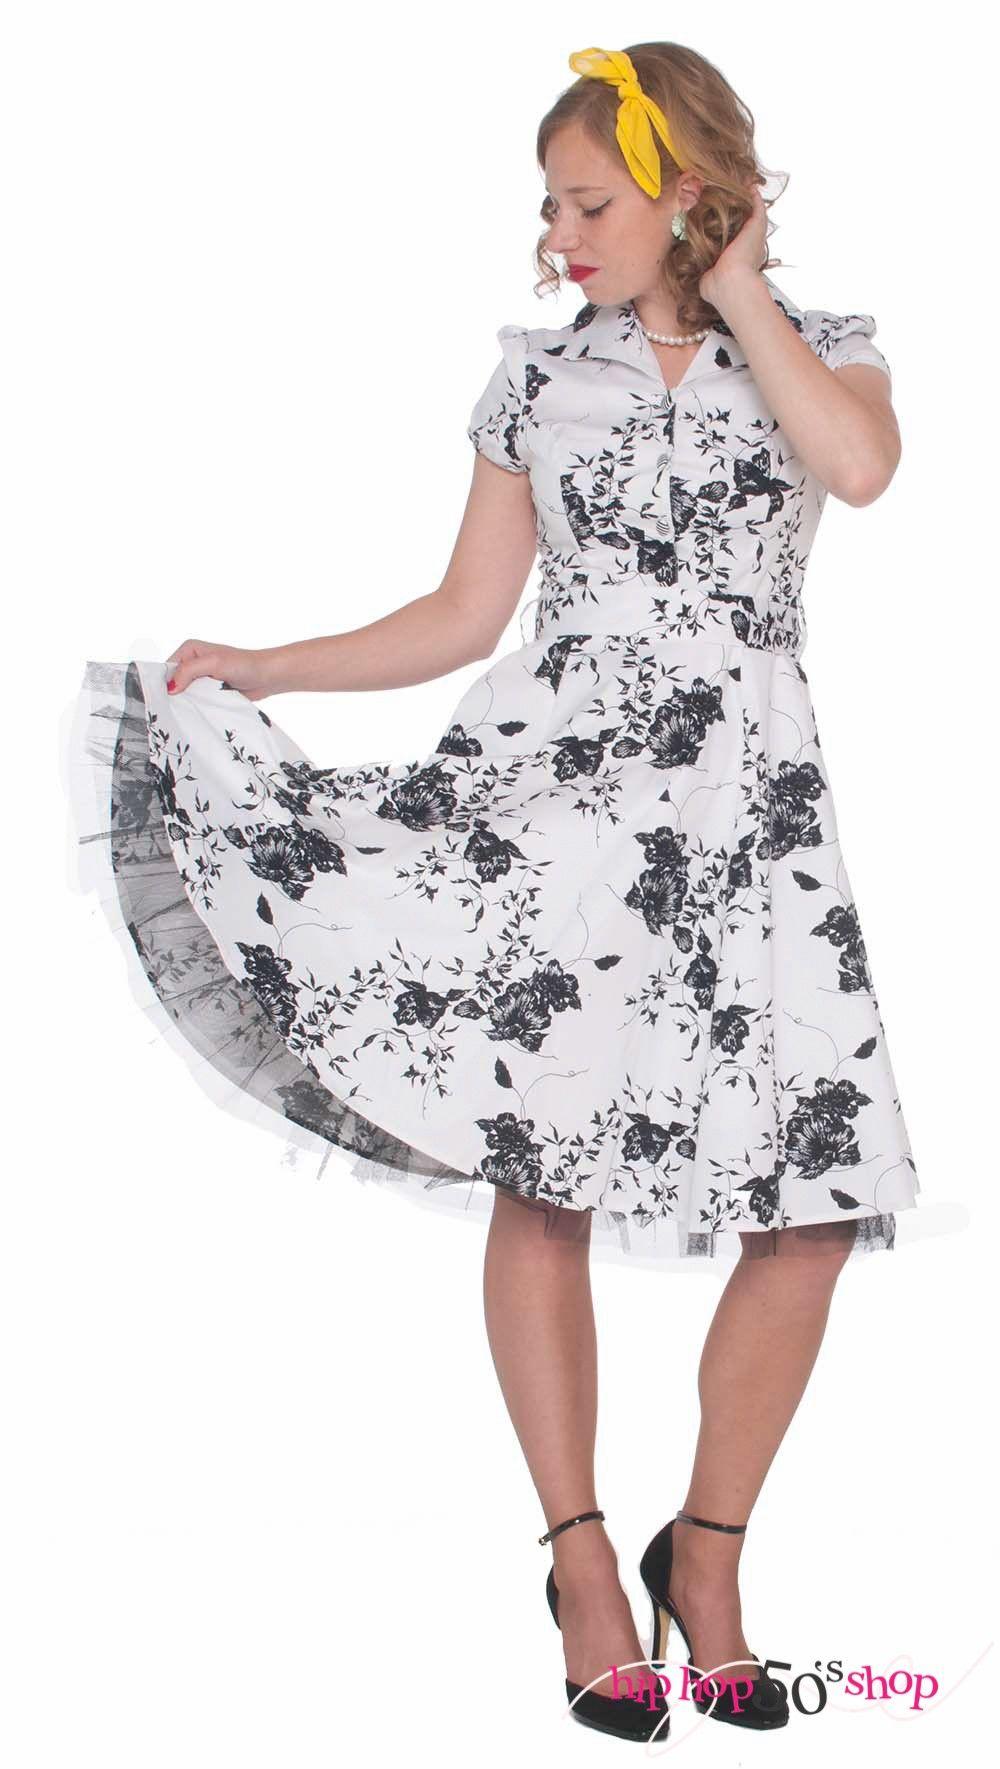 Rockabilly Short Sleeve Swing Dress Flower Print Vintage Dresses 50s Tea Party Dress Sleeved Swing Dress [ 1769 x 1000 Pixel ]